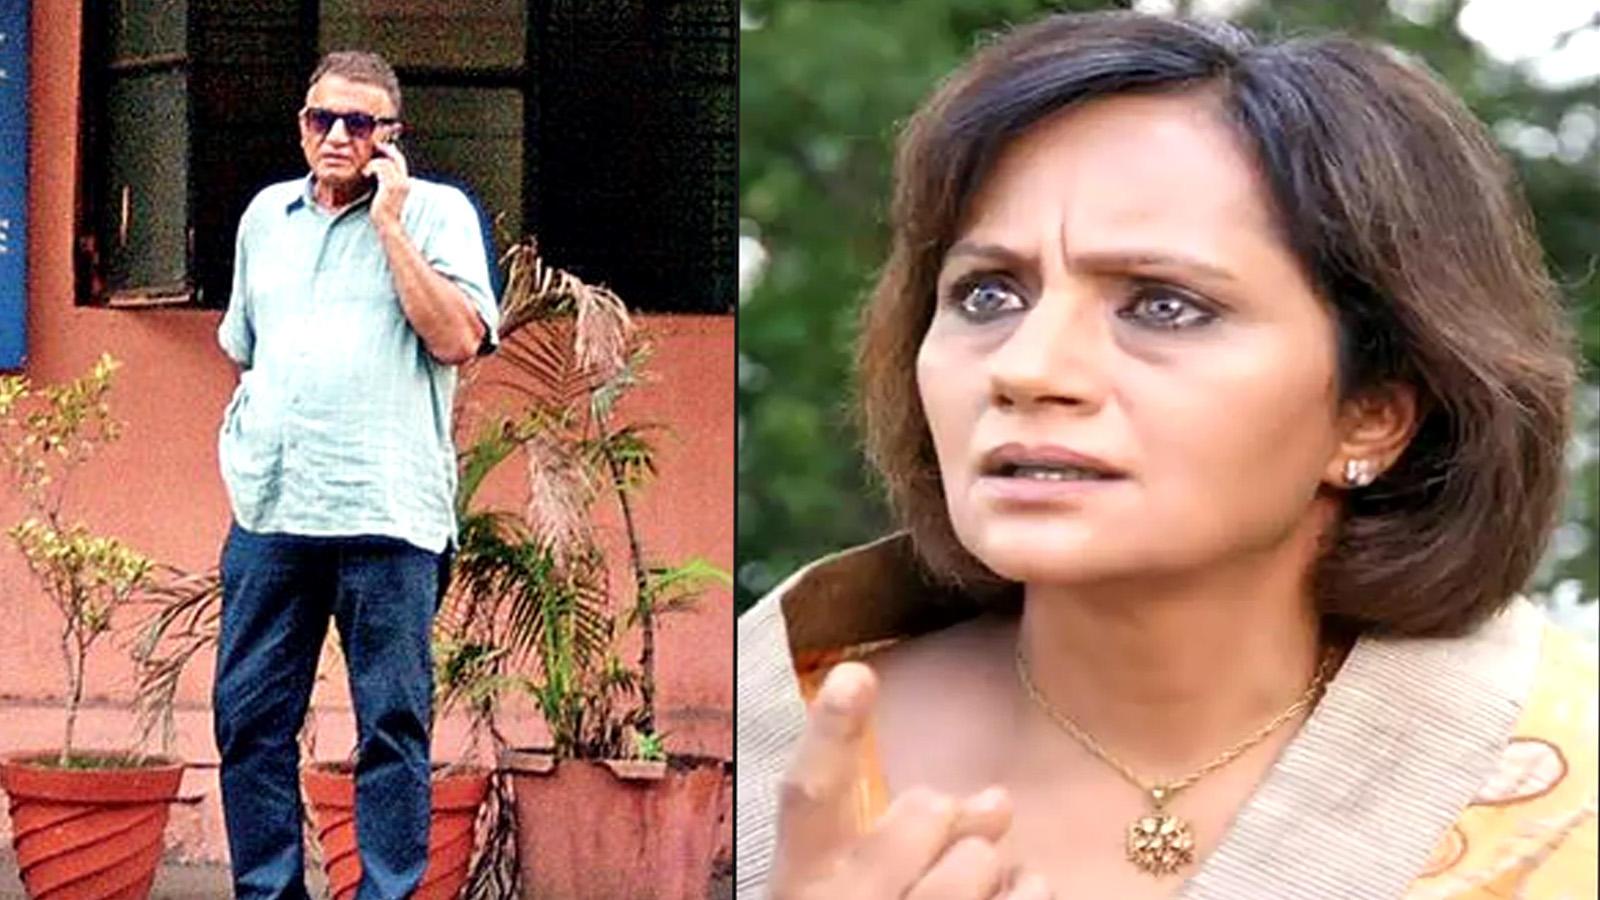 Veteran actress Ranjeeta Kaur booked for hitting her husband